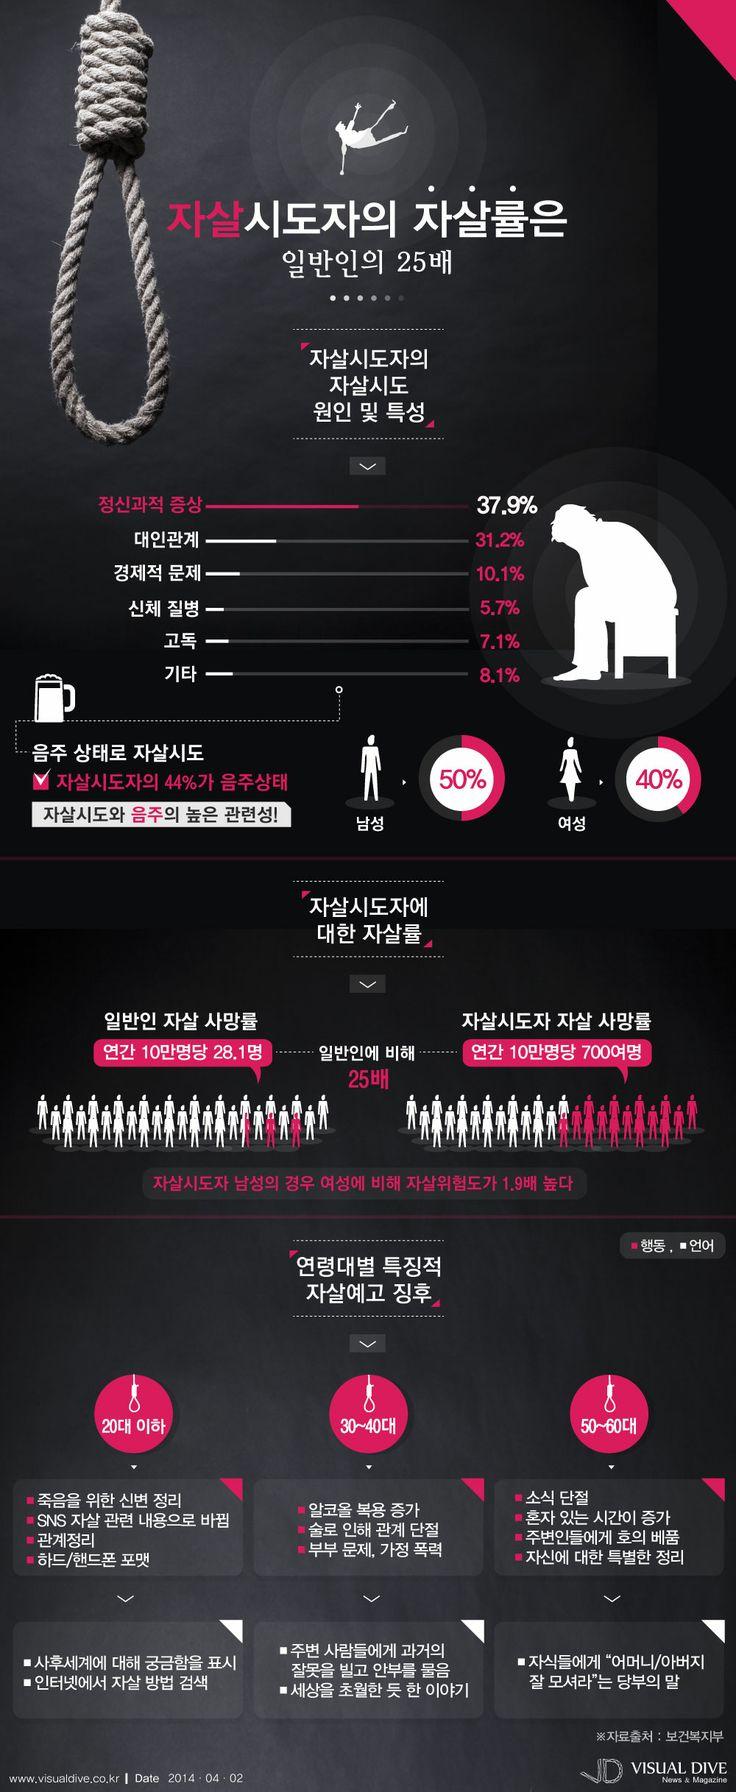 자살시도자 자살률, 일반인보다 25배 높다 [인포그래픽] #sucide #Infographic ⓒ 비주얼다이브 무단 복사·전재·재배포 금지